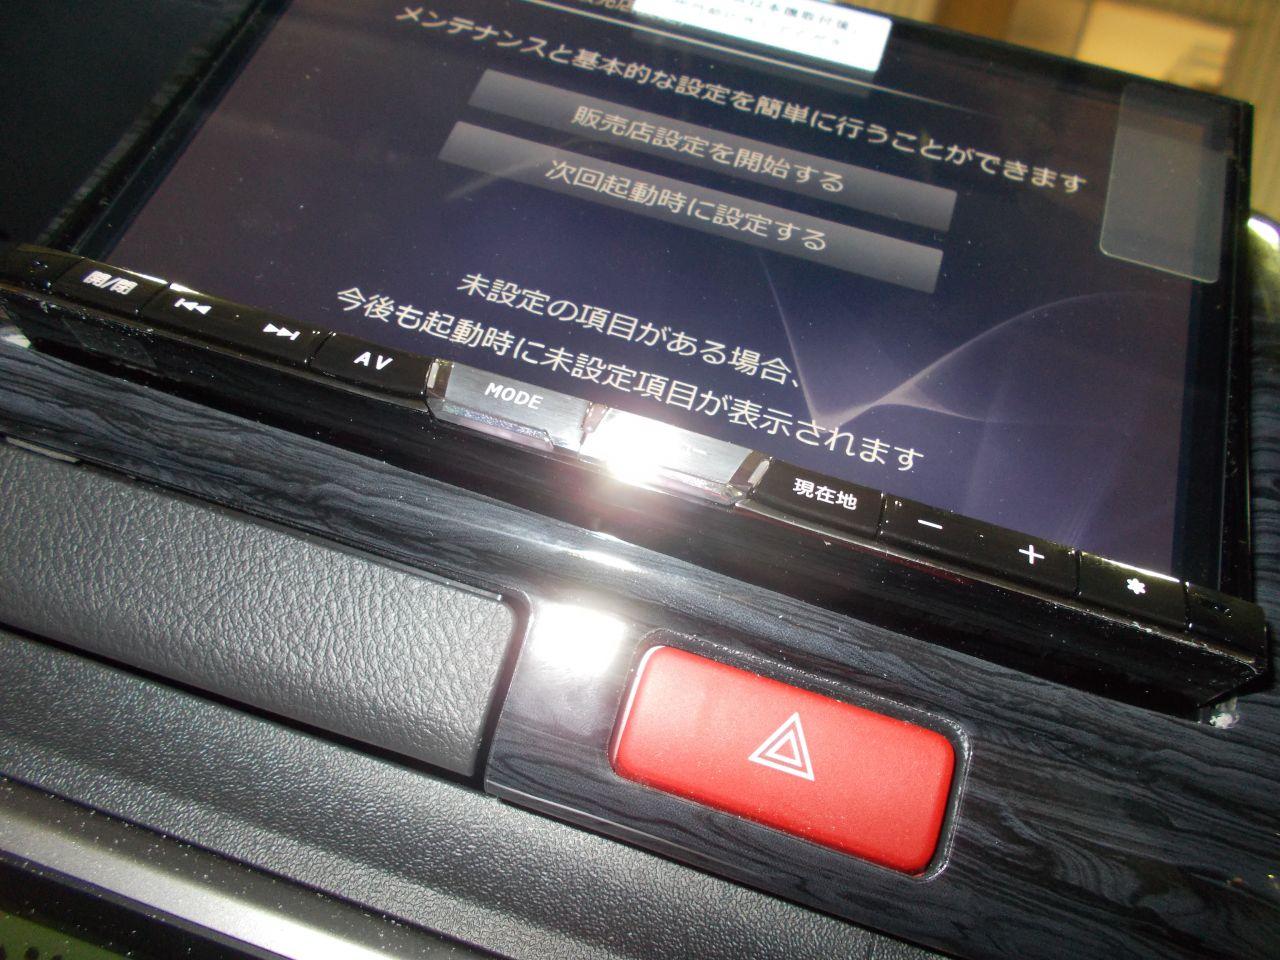 200系ハイエース・アルパイン8型ナビ取り付け (2)